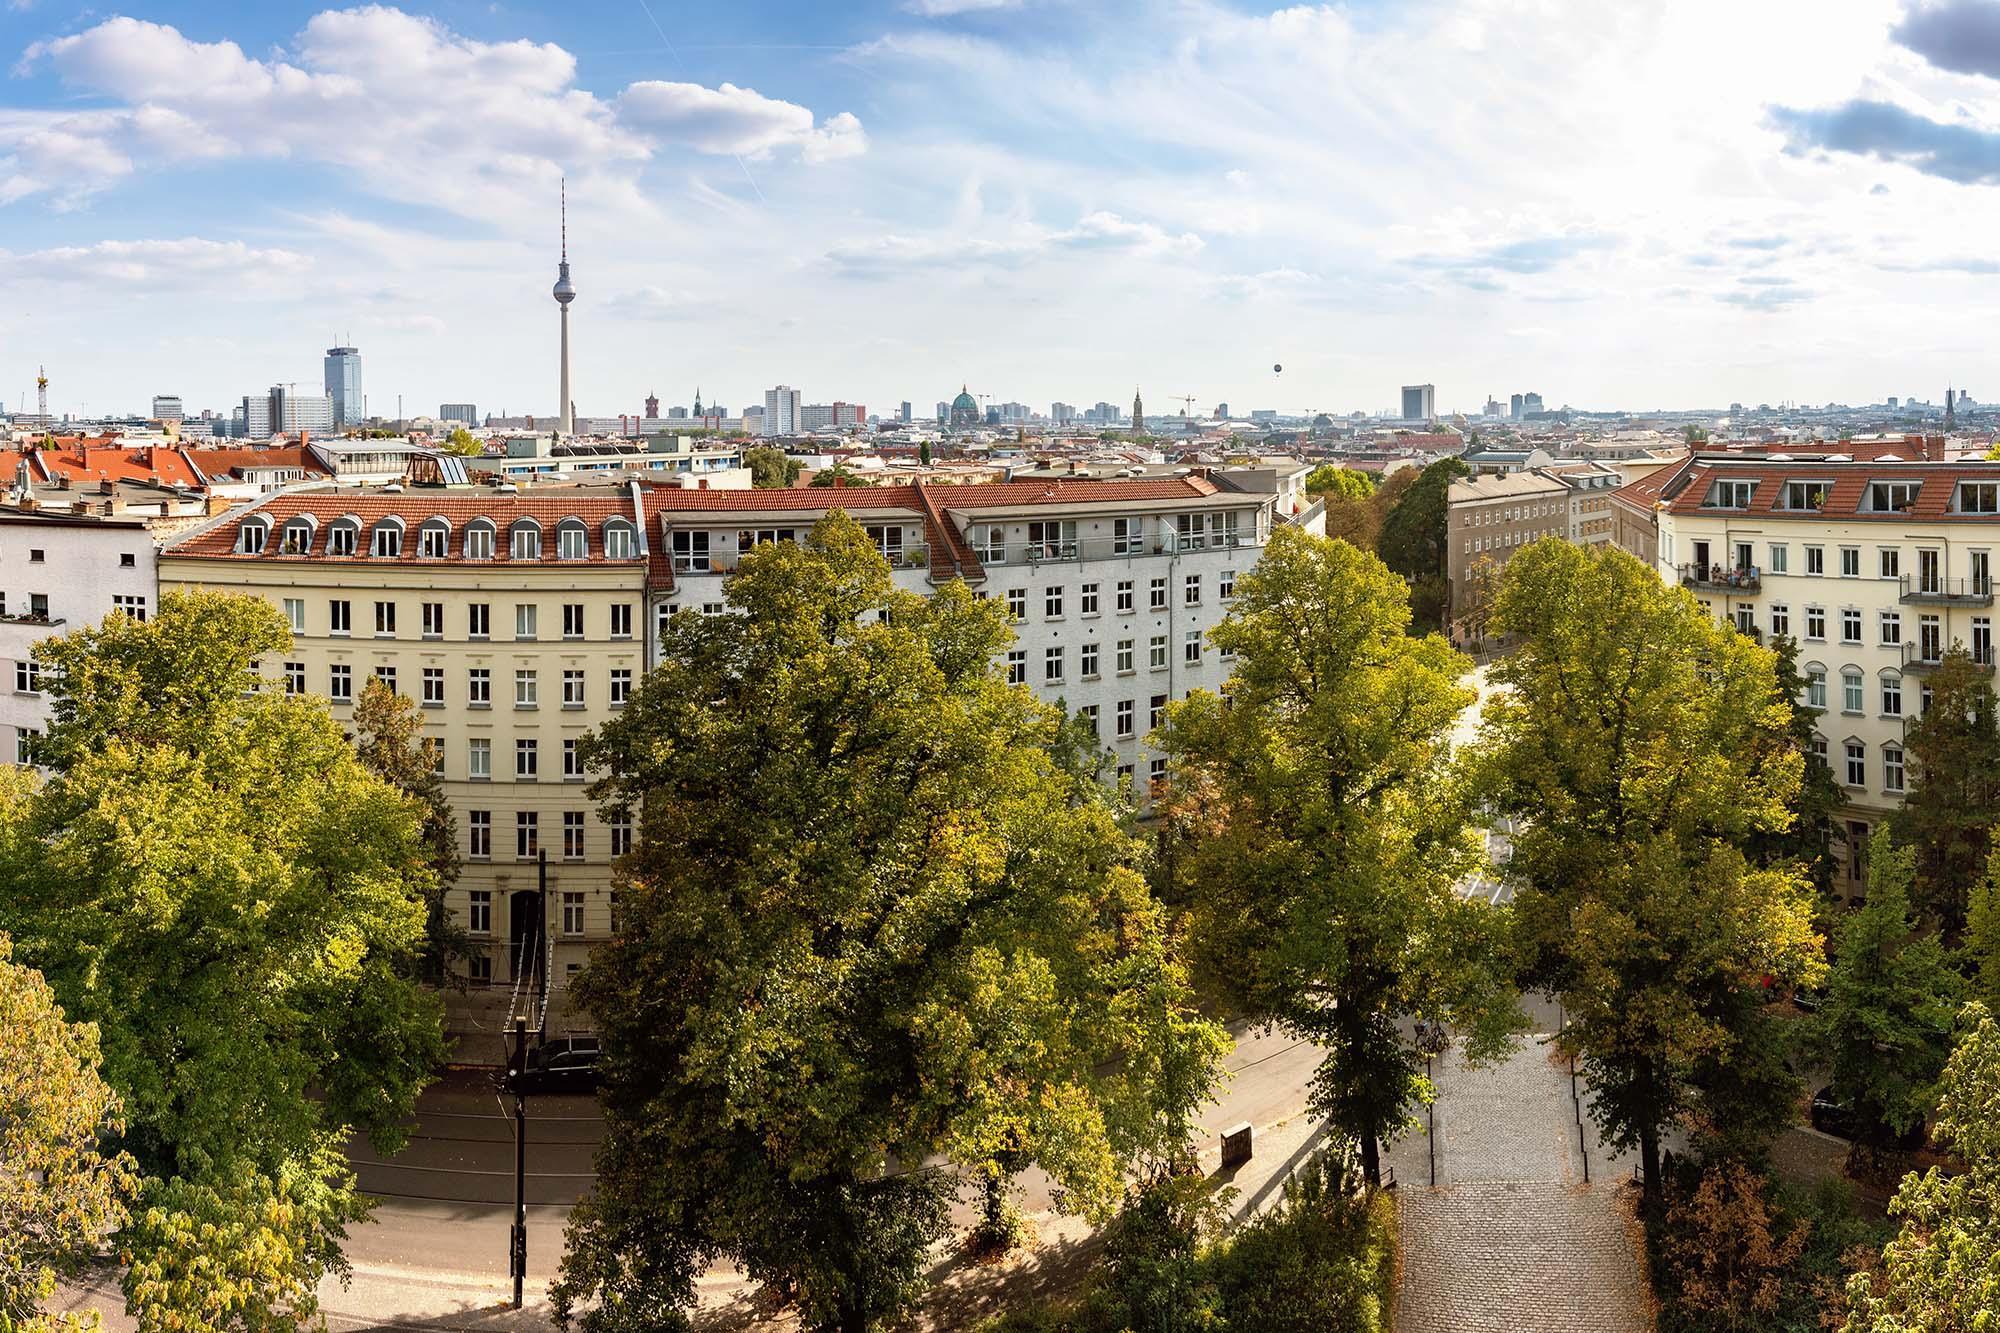 Berlin IoT